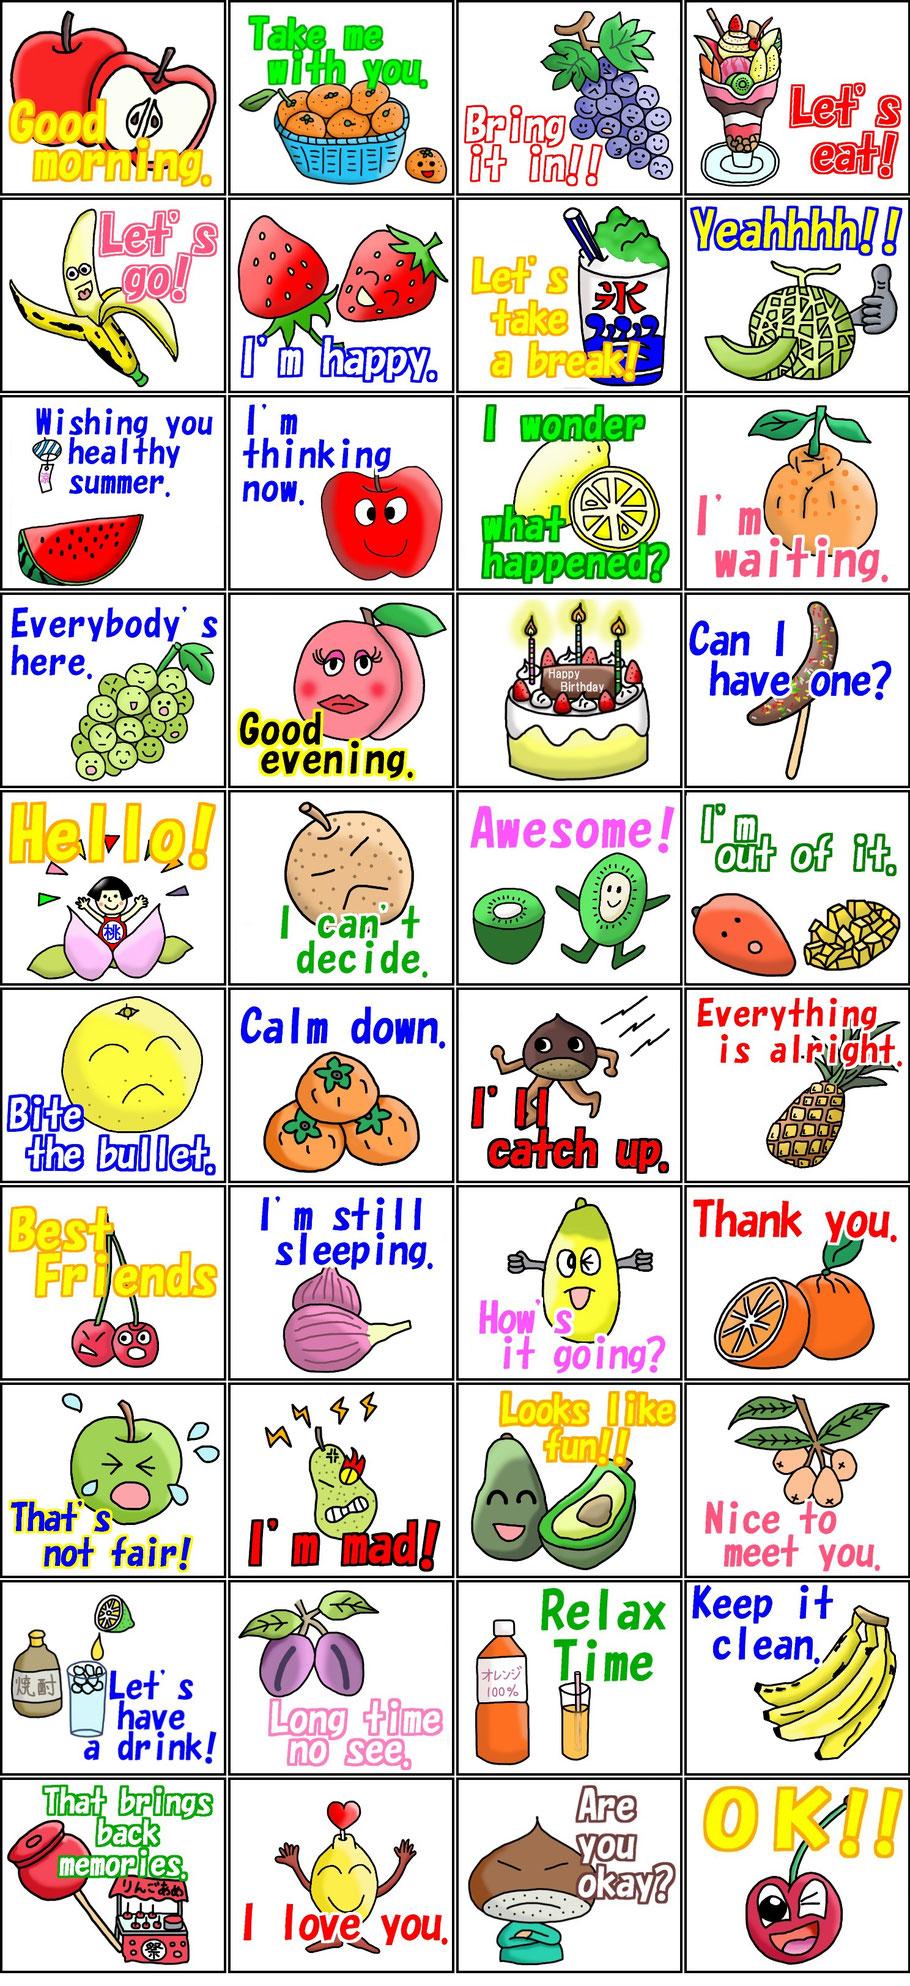 果物、くだもの、フルーツ、果物名人、果物スタンプ、くだものスタンプ、LINE、スタンプ、購入ボタン fruits line sticker apple banana orange kiwi peach